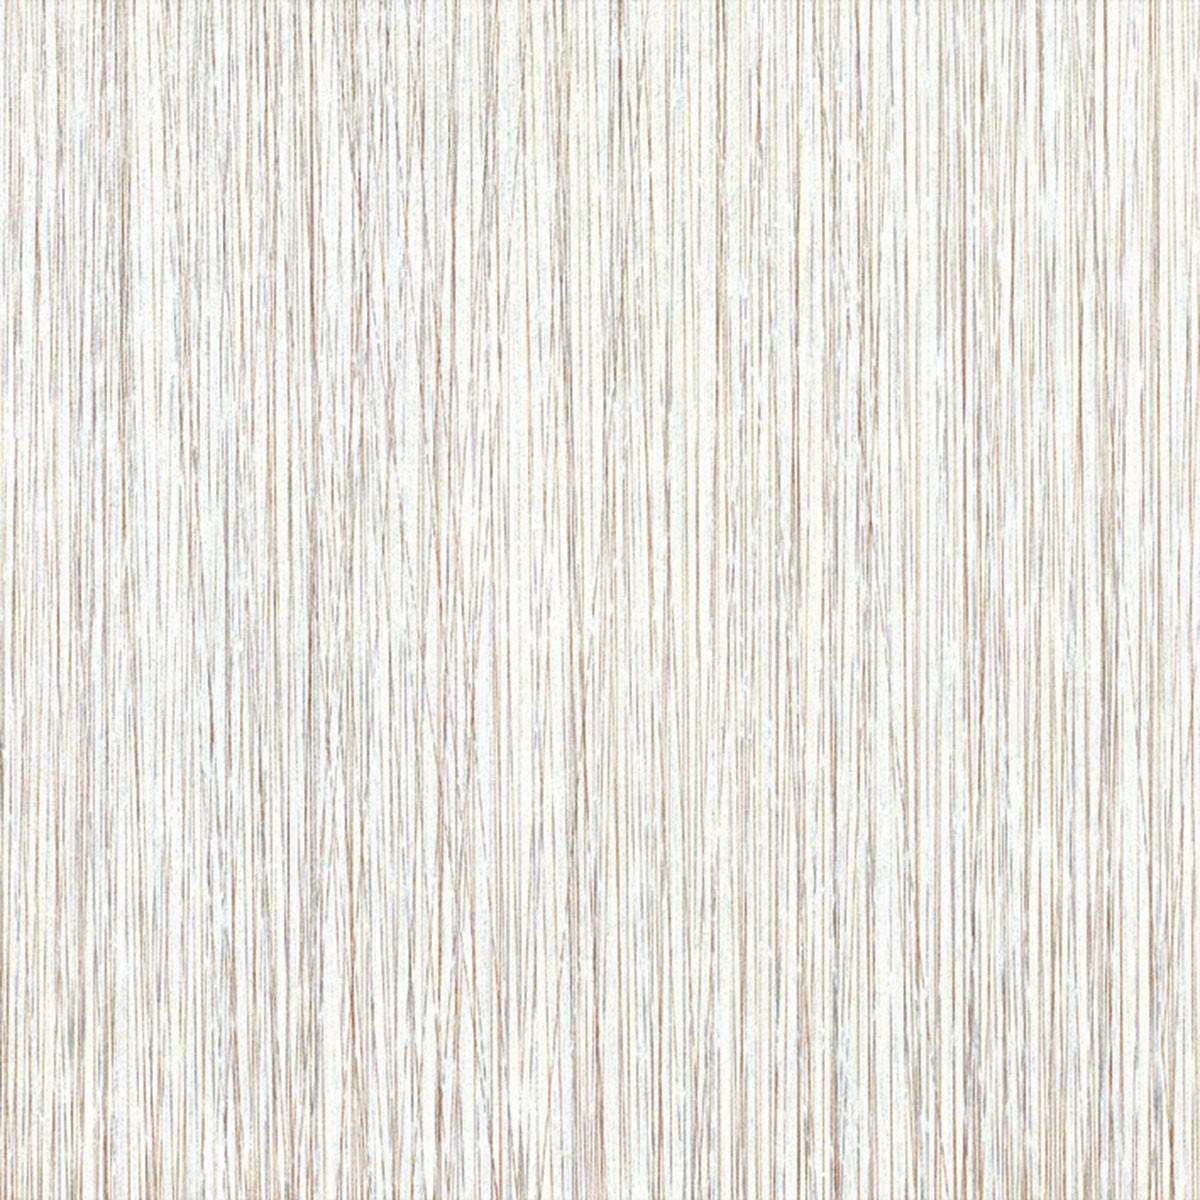 24 x 24 In. Beige Porcelain Floor Tile - 4 Pcs/Case (15.50 sq.ft/Case) (FA60A-1)